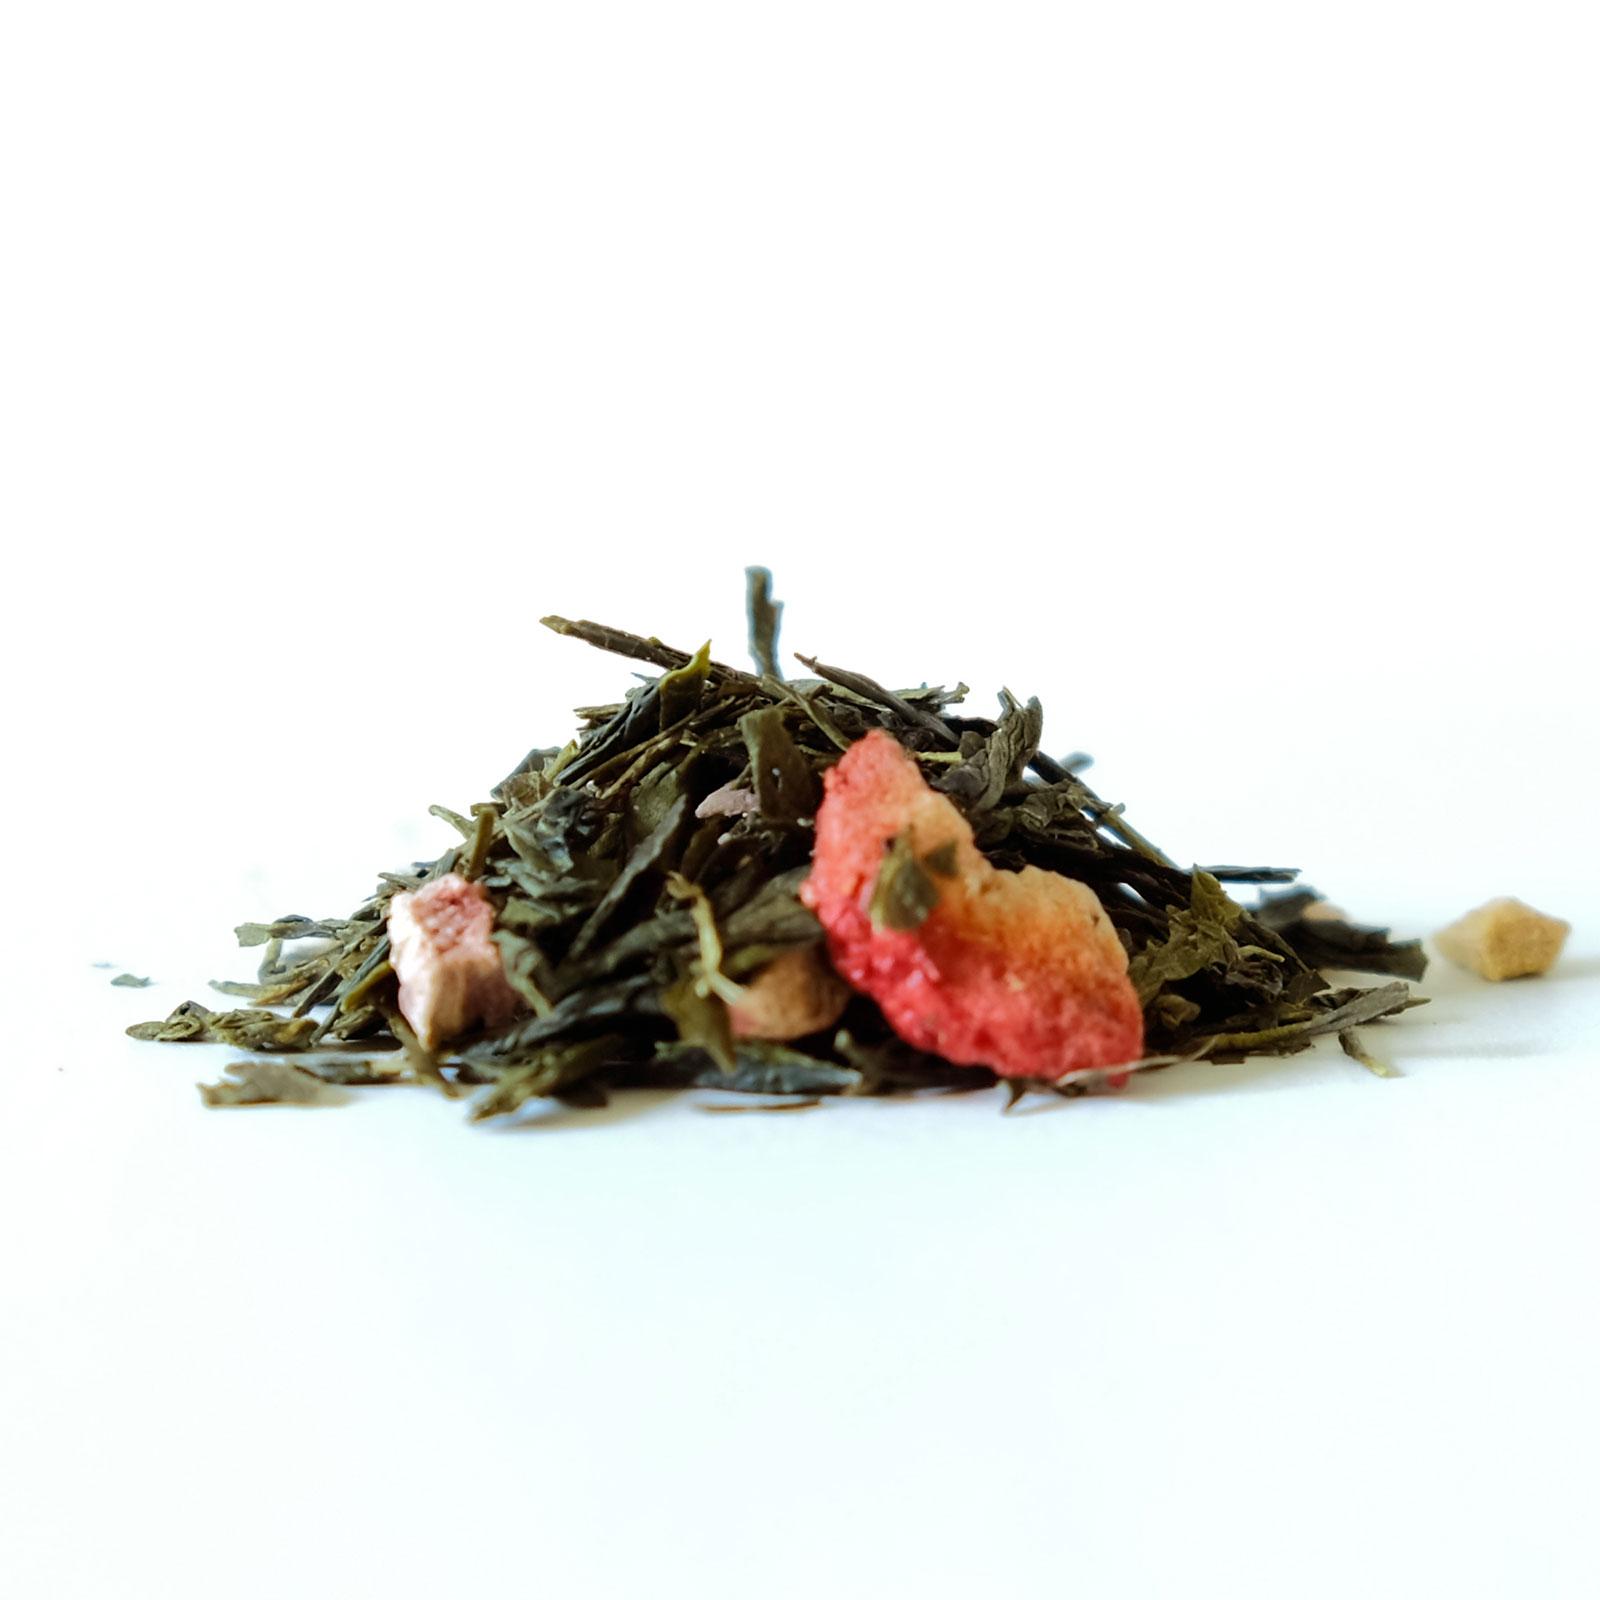 Feuilles de thé vert avec morceaux de fruits